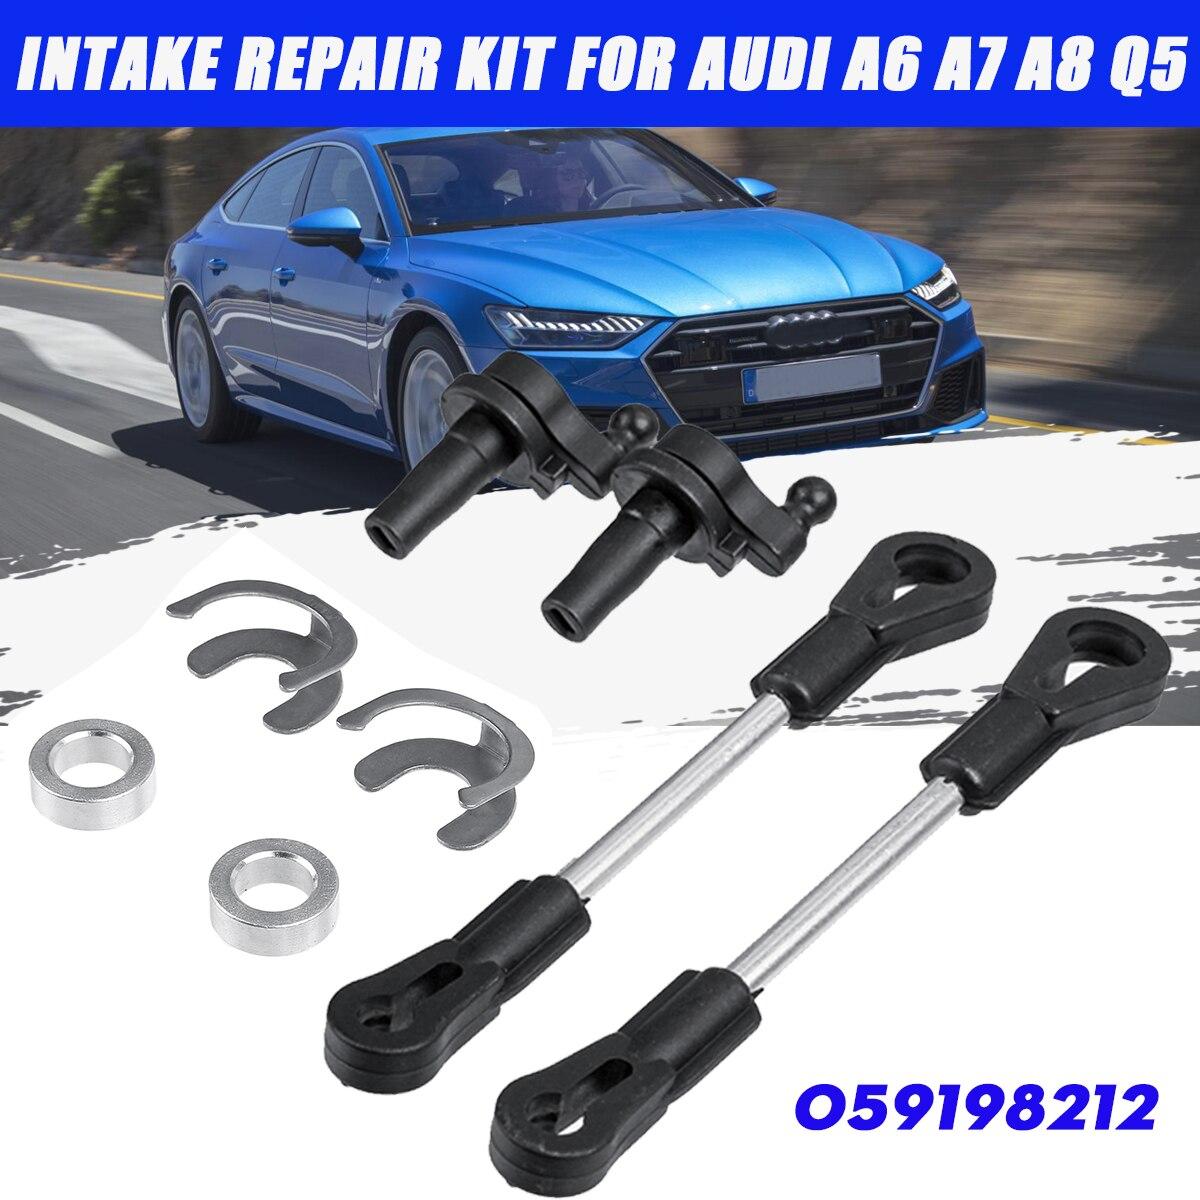 059198212 Coletor De Admissão Aba Redemoinho Repair Kit Para Audi A4 A5 A6 A7 A8 Q5 Q7 2.7 3.0 TDI 059198212